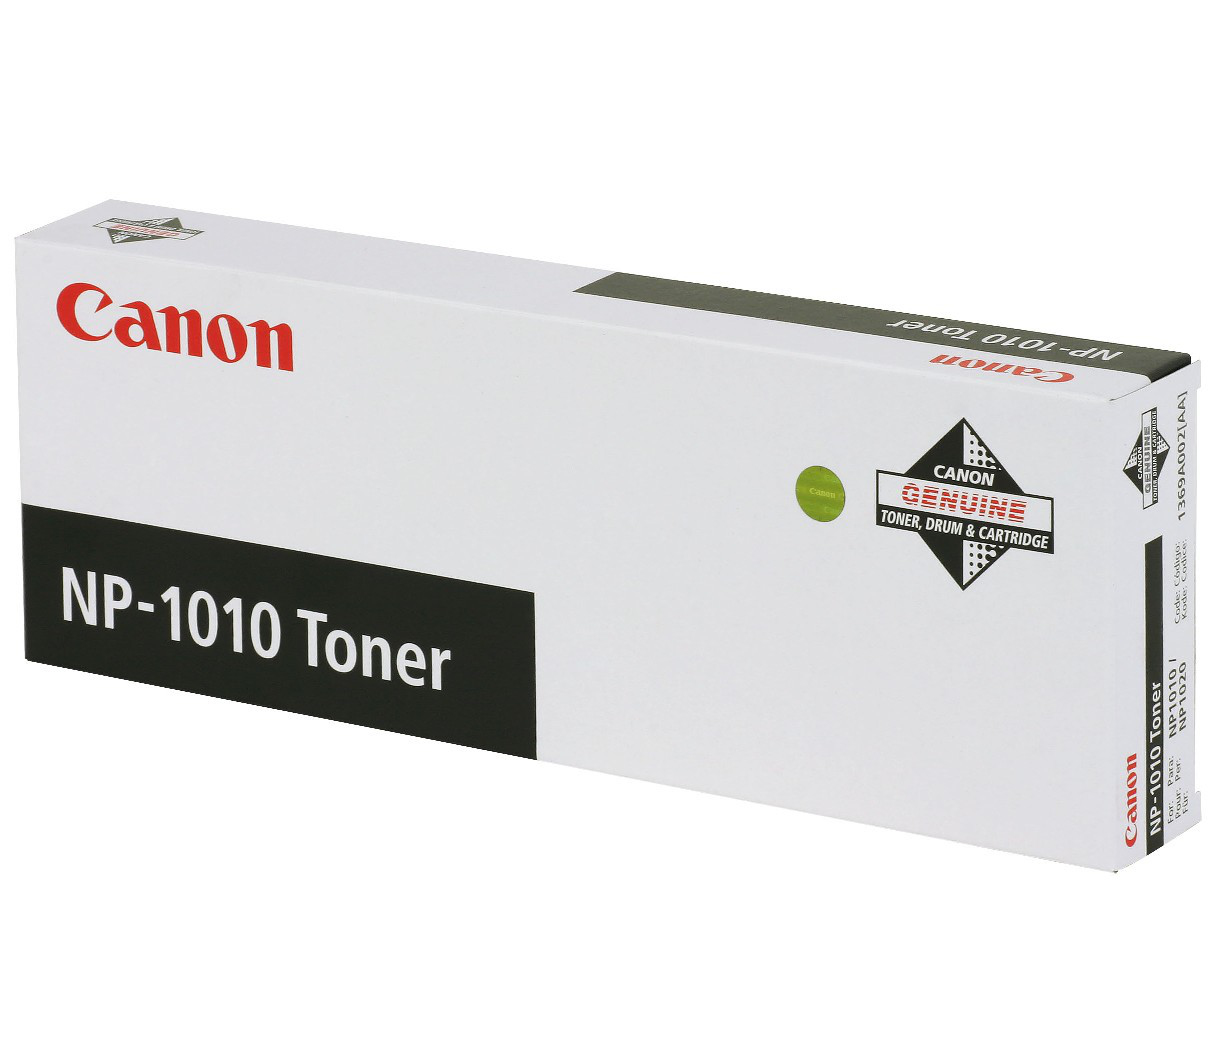 Canon NP-1010 Toner laser 2000pagine Nero